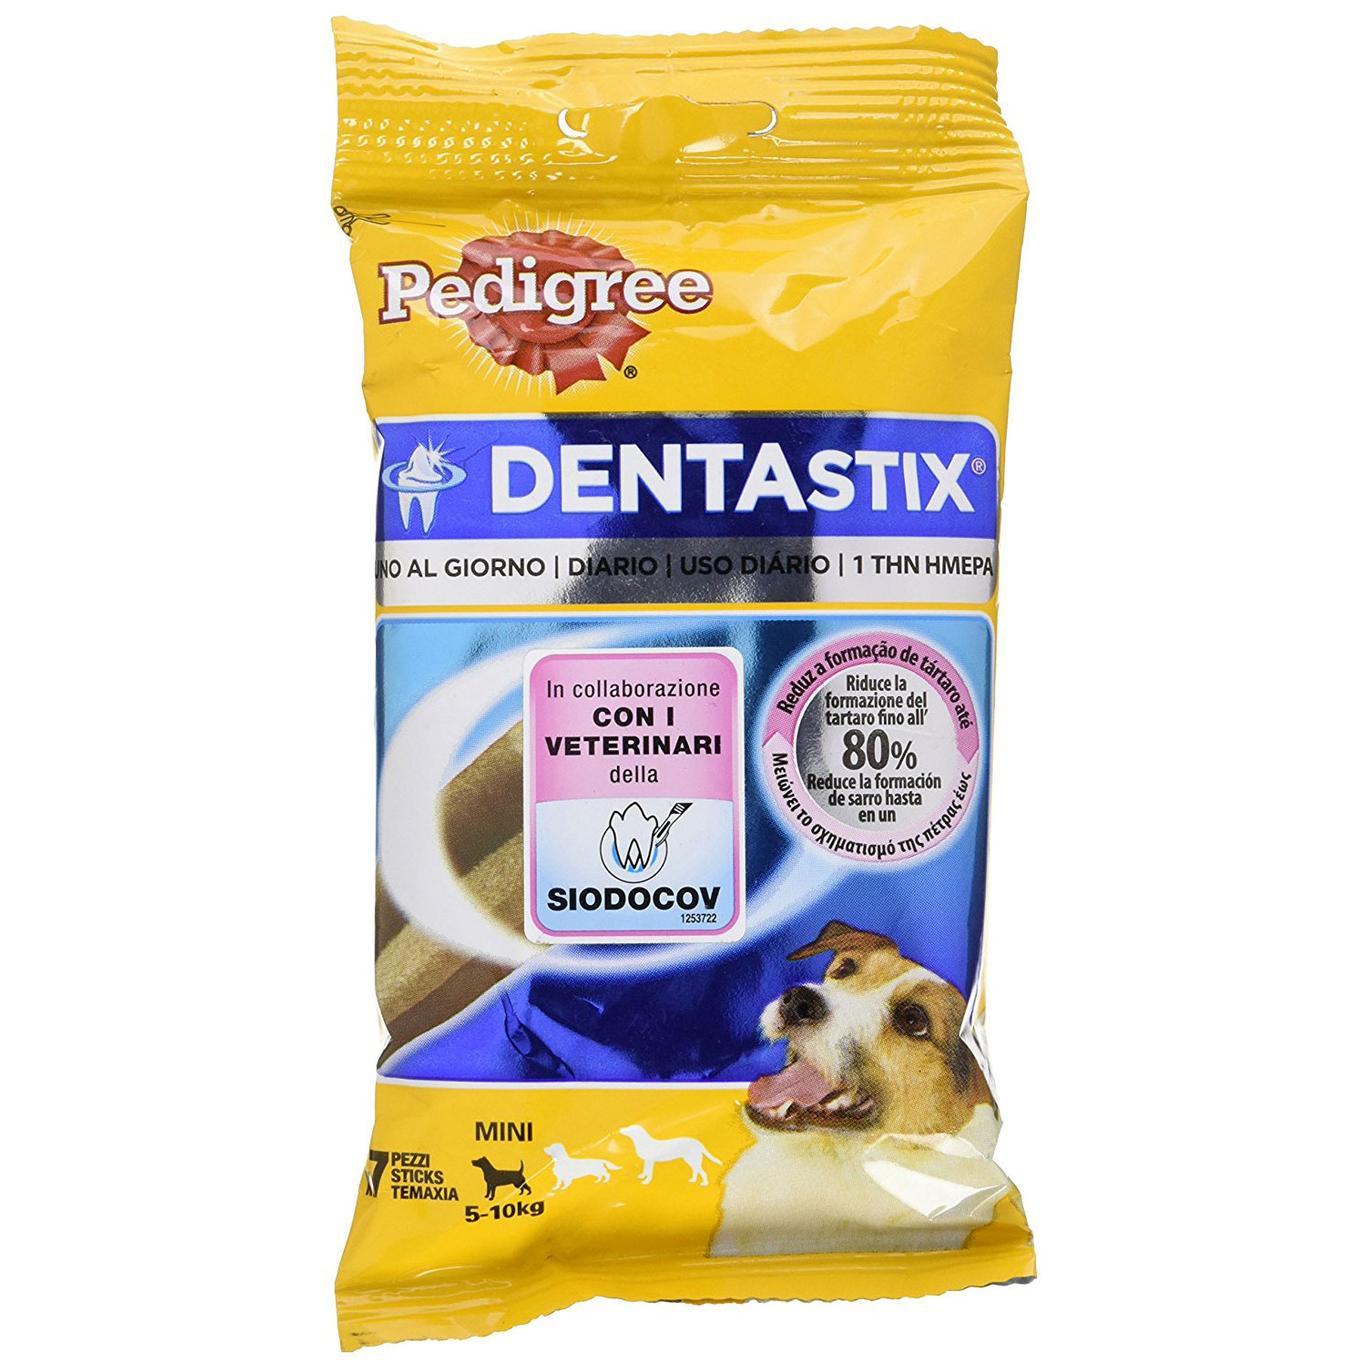 Pedigree Dentastix Uno al Giorno Mini 5-10 kg - 7 Pezzi da 110 gr